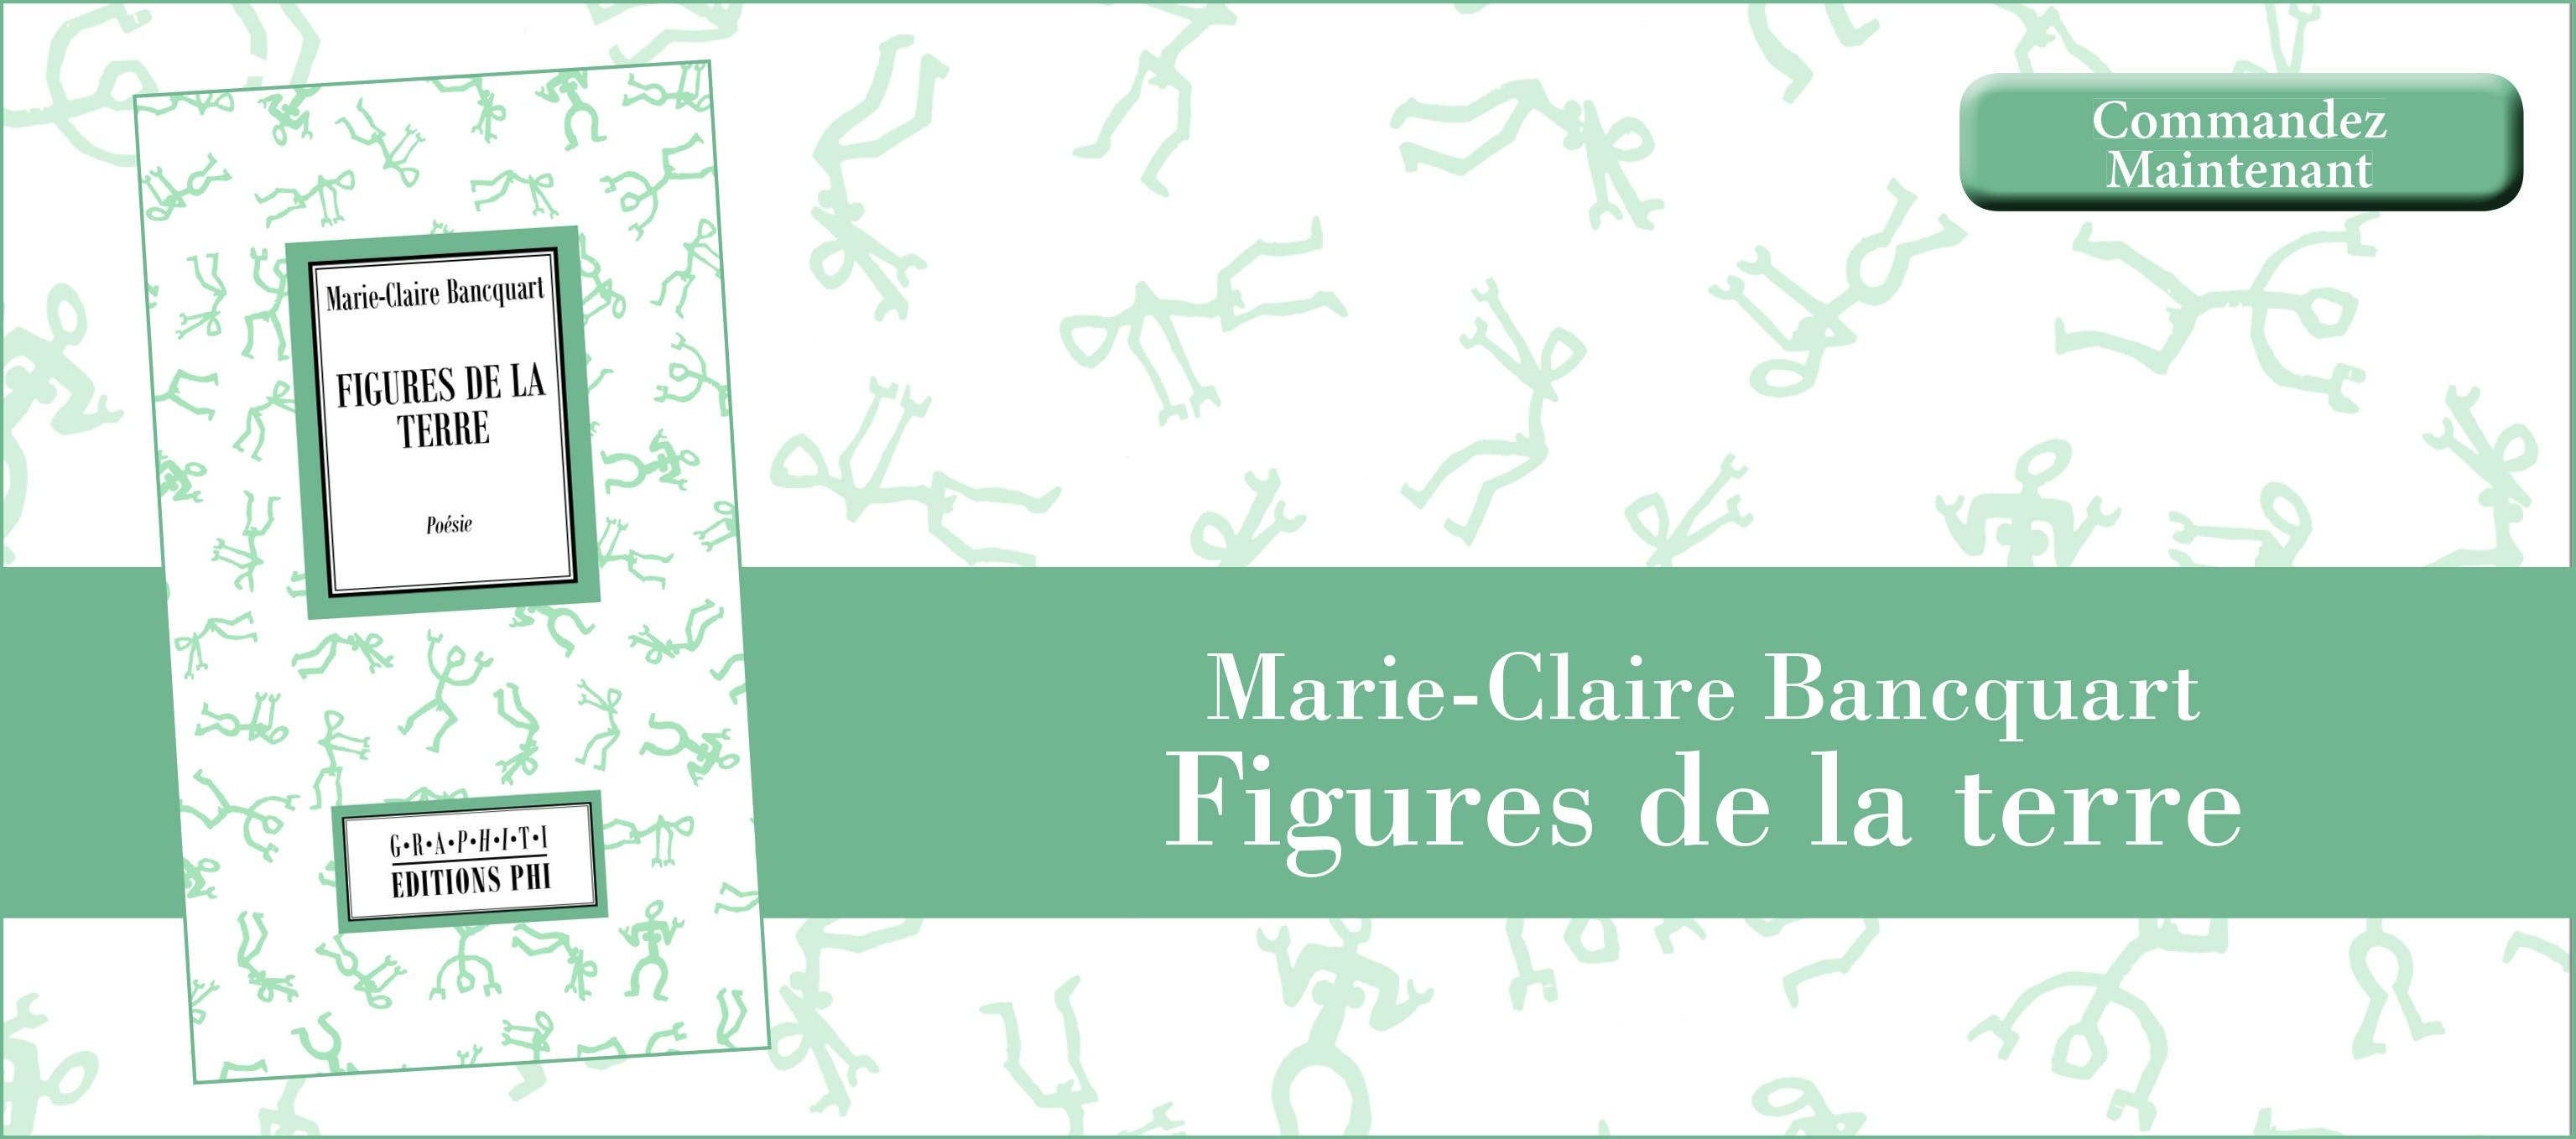 Marie-Claire Bancquart : Figures de la Terre